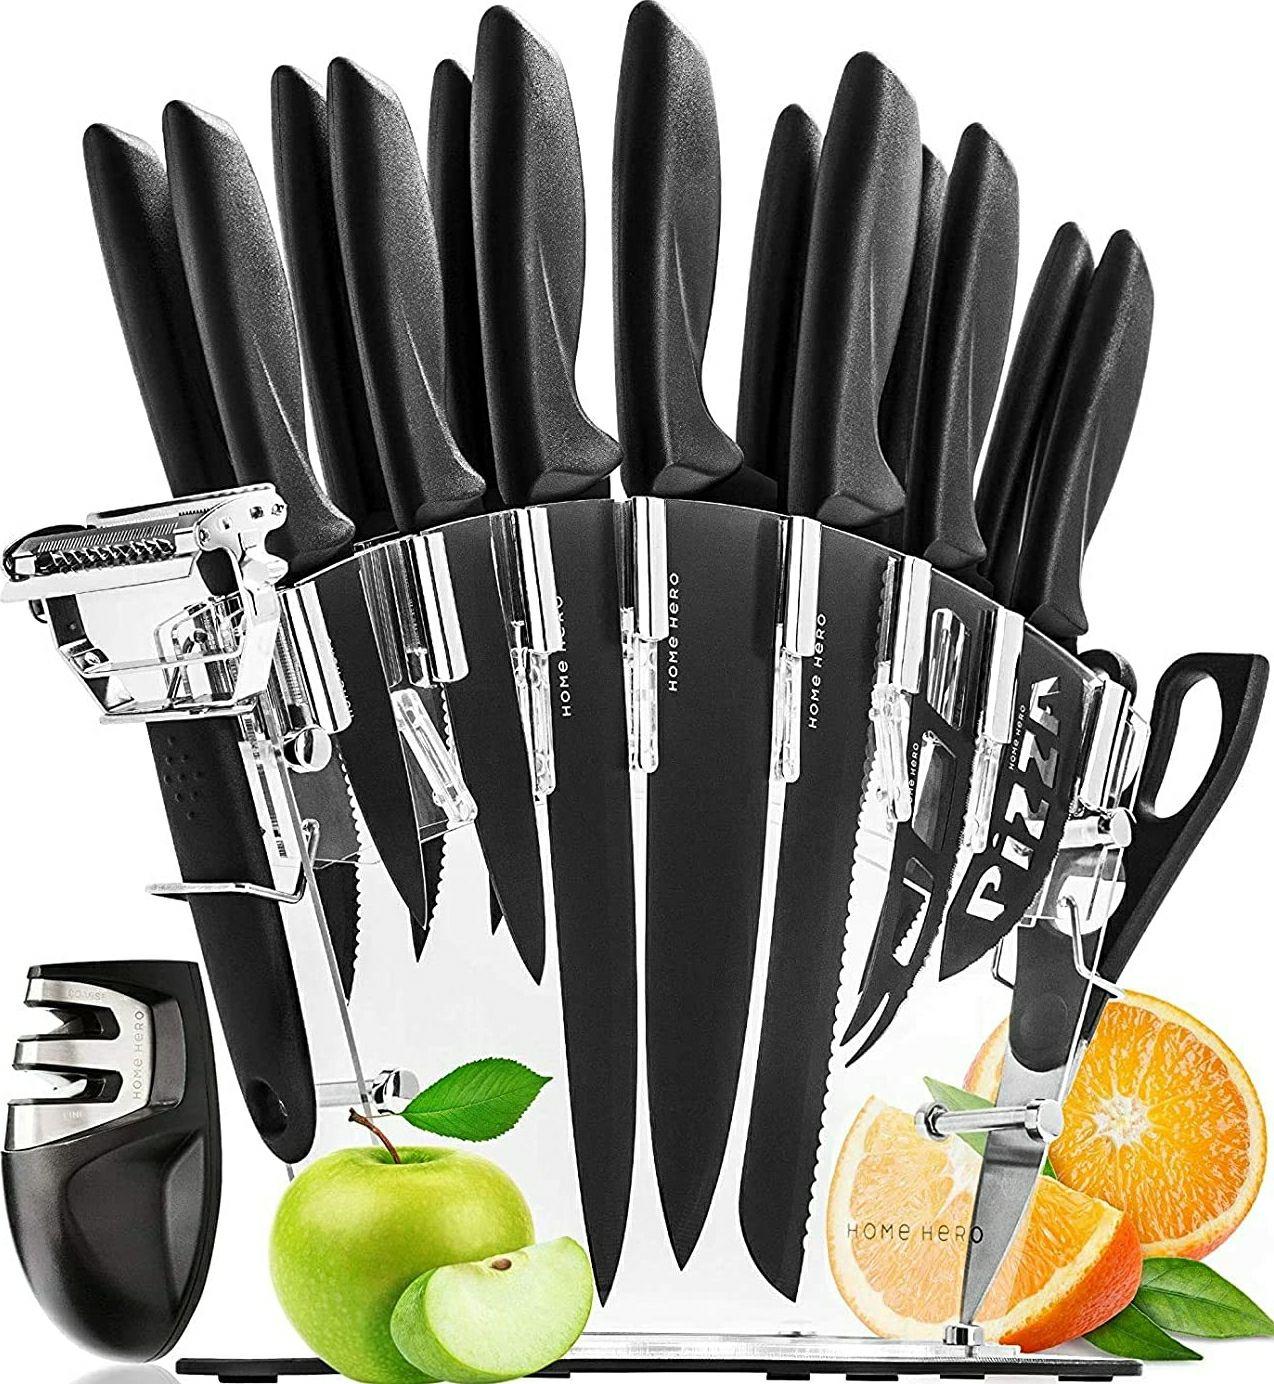 Set dee 13 Couteau De Cuisine en Inox Home Hero + Bloc Couteaux + Ciseaux + Éplucheur + Aiguiseur (Vendeur tiers)